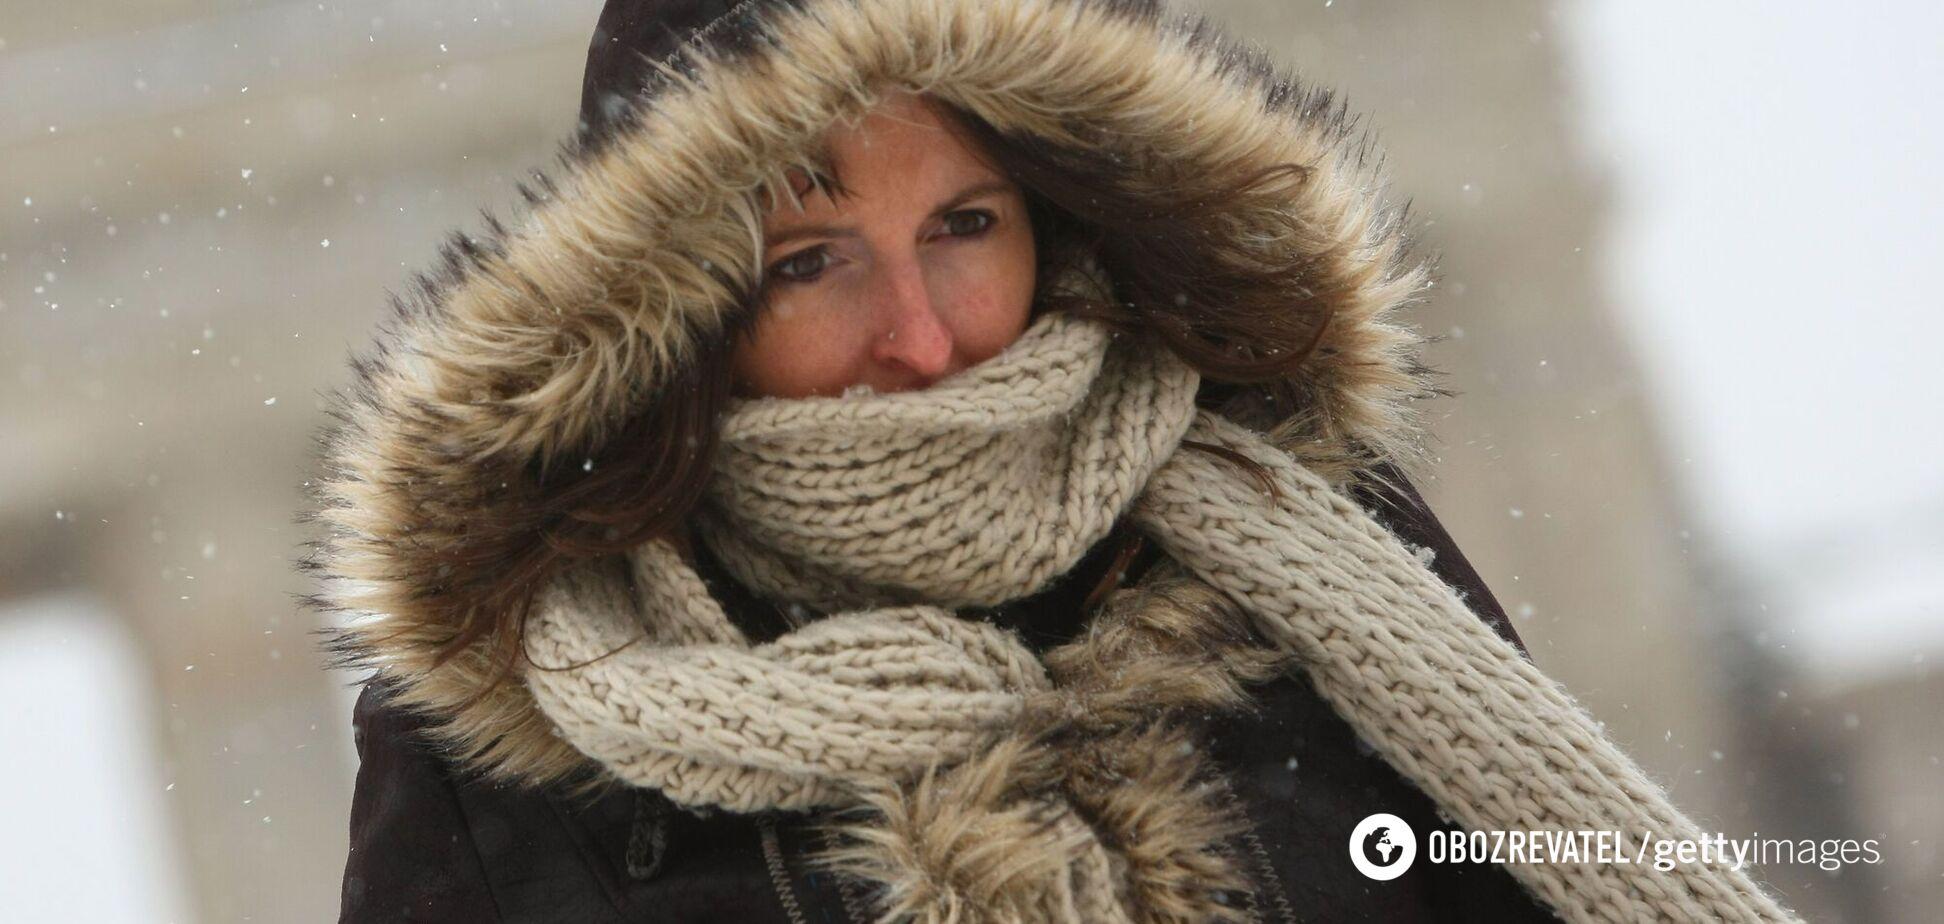 Українці готуються до холодів: що купують і скільки витрачають на утеплення